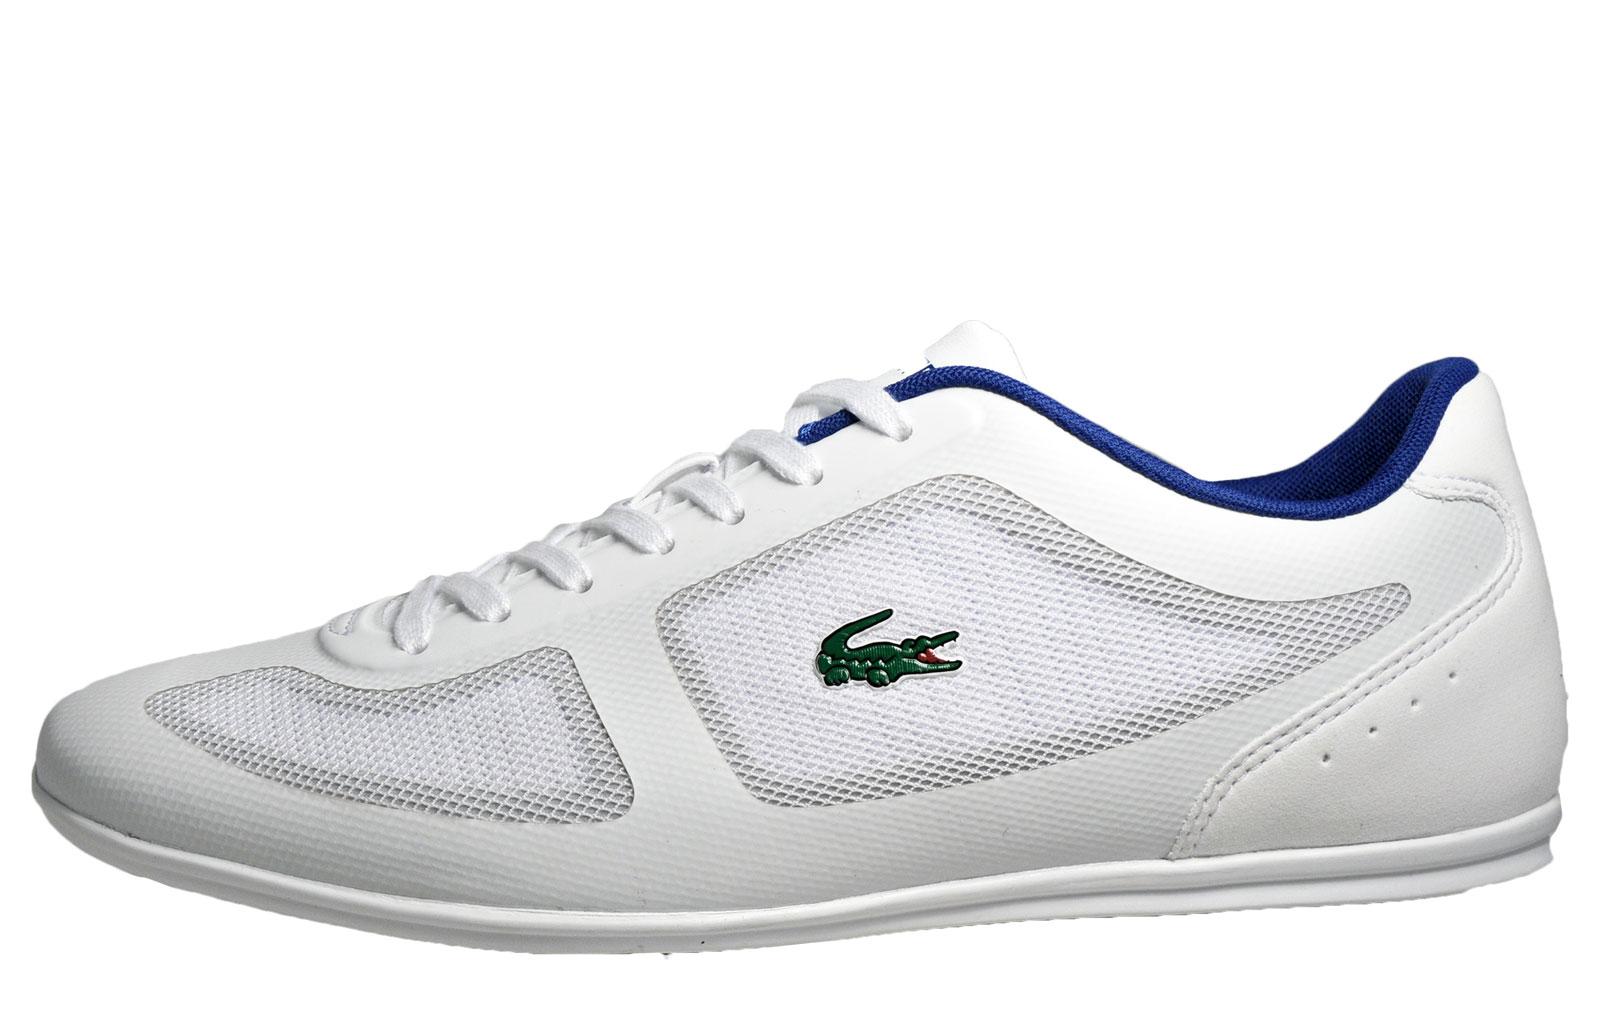 3de877fd1 Lacoste Misano 33 Mens Trainers Mens Trainers Shop Mens Trainers COLOUR-off  white